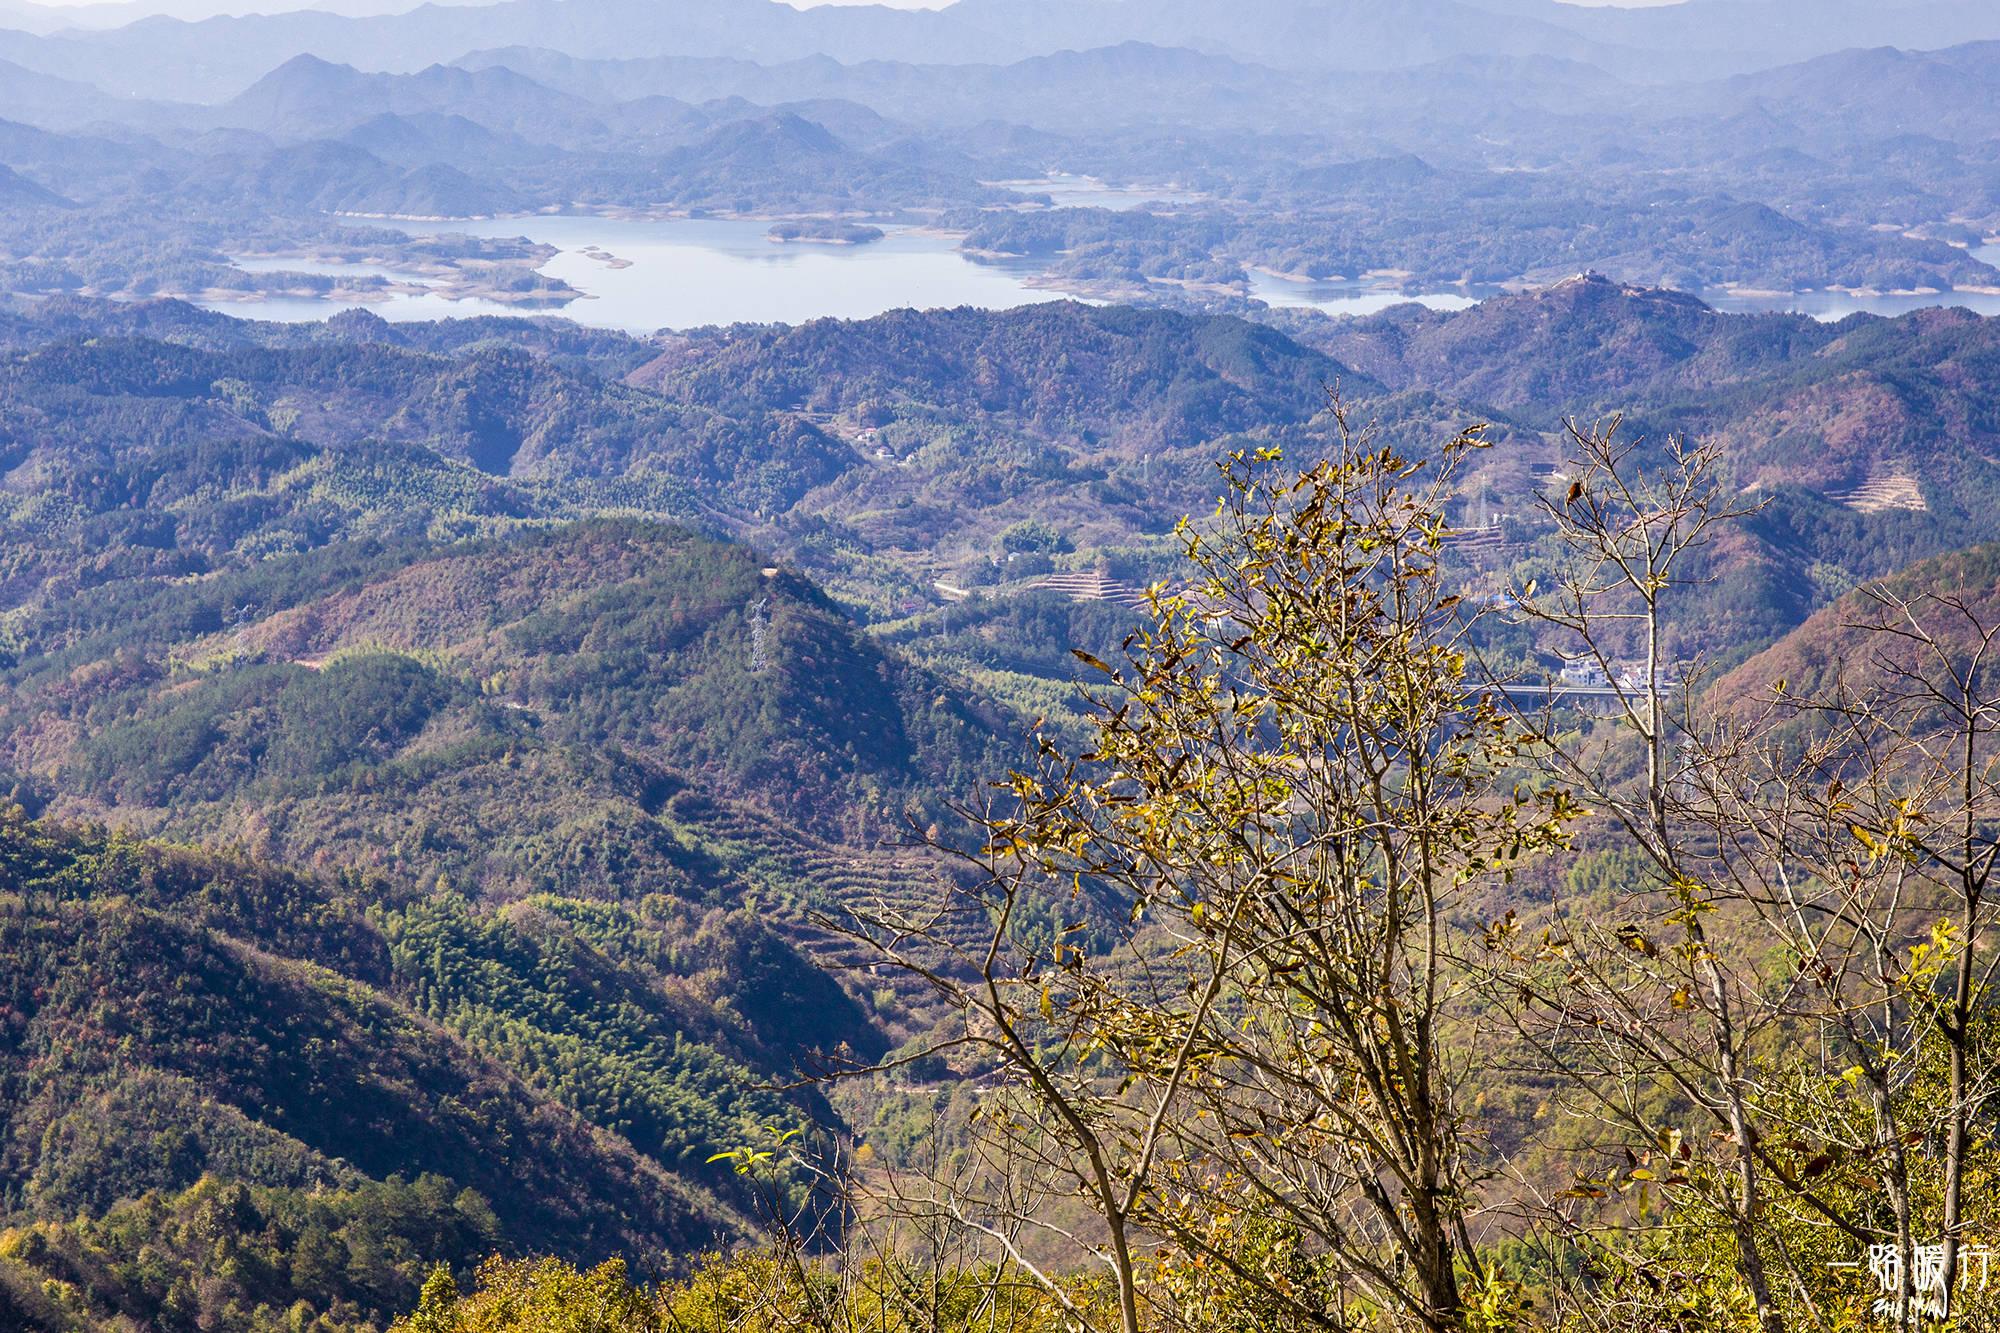 安徽面积最大的县城,位于大别山腹地,却是自驾游的胜地